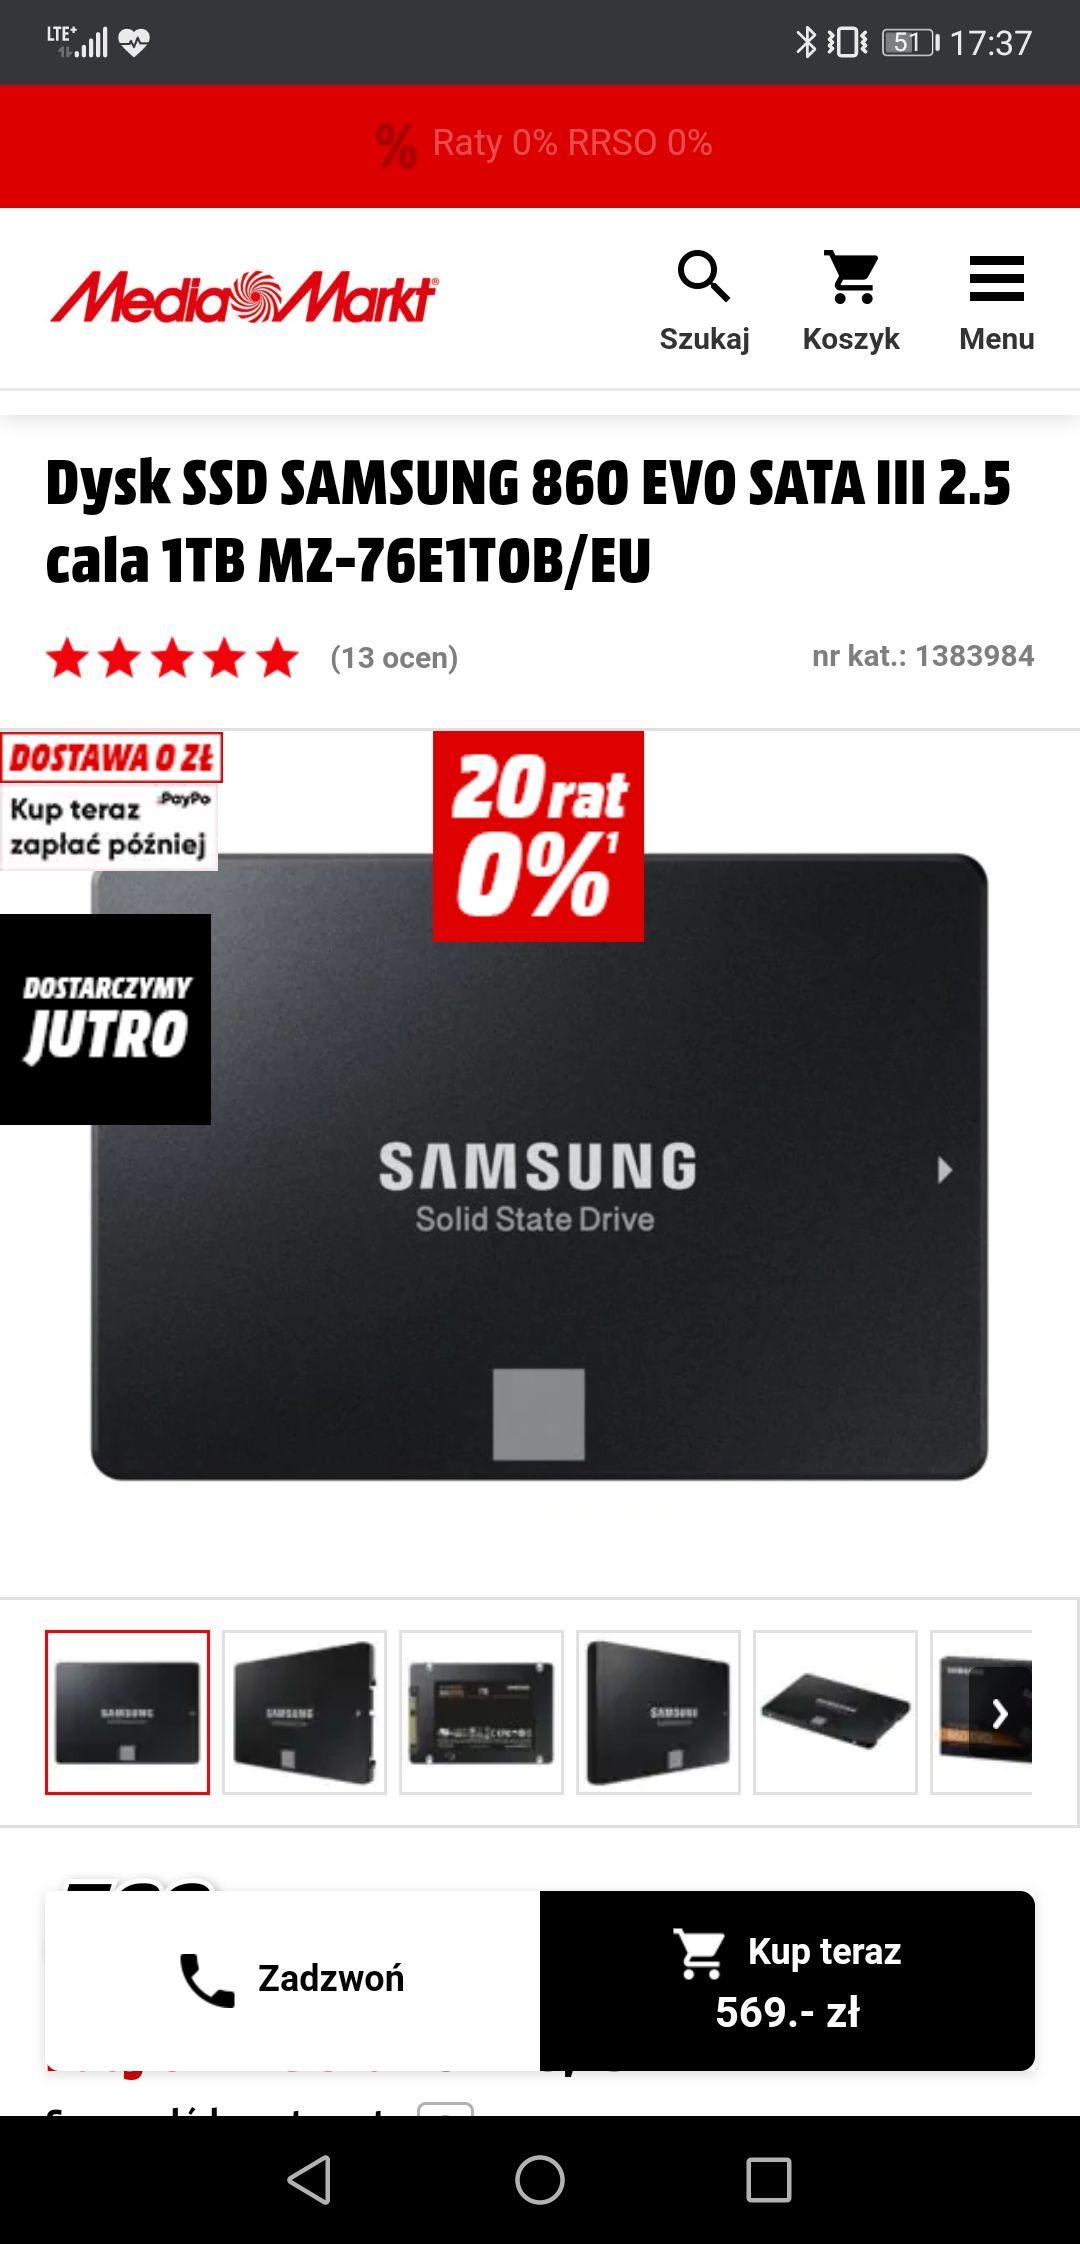 Dysk SSD Samsung 860 EVO 1Tb